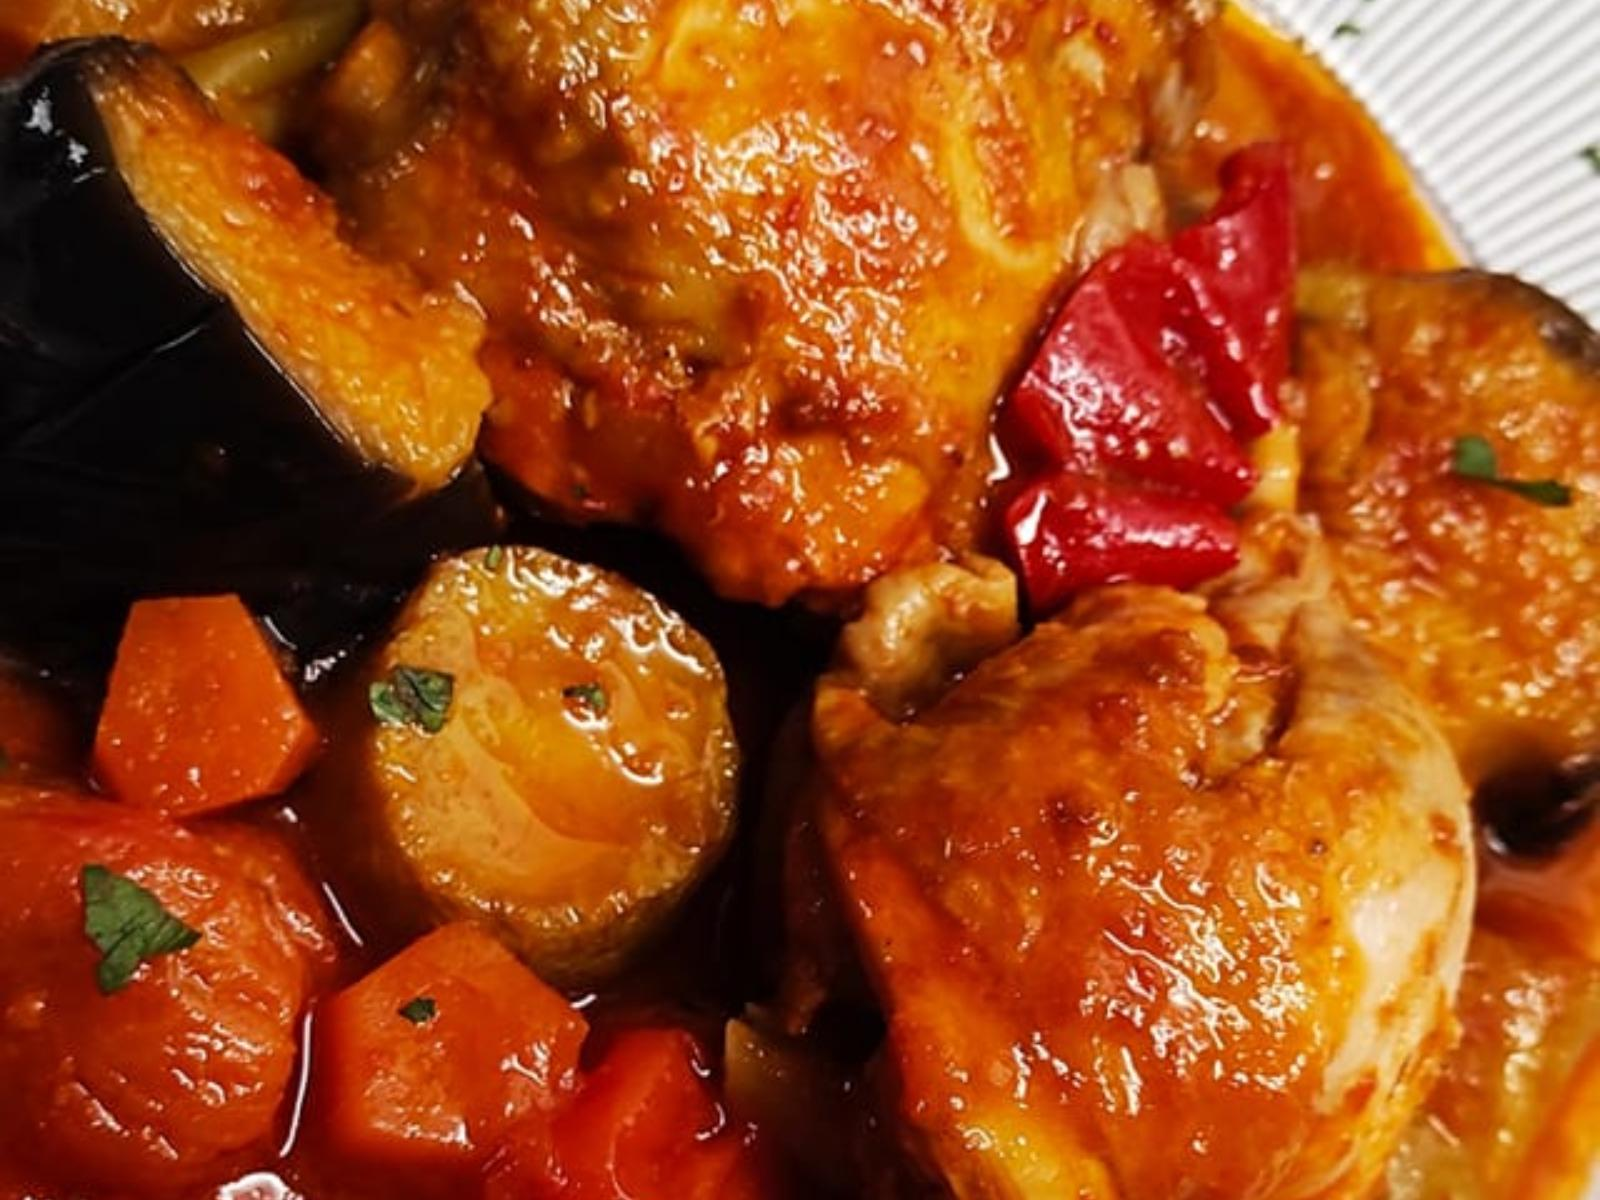 Κοτόπουλο κοκκινιστό με κολοκυθάκια και μελιτζάνες